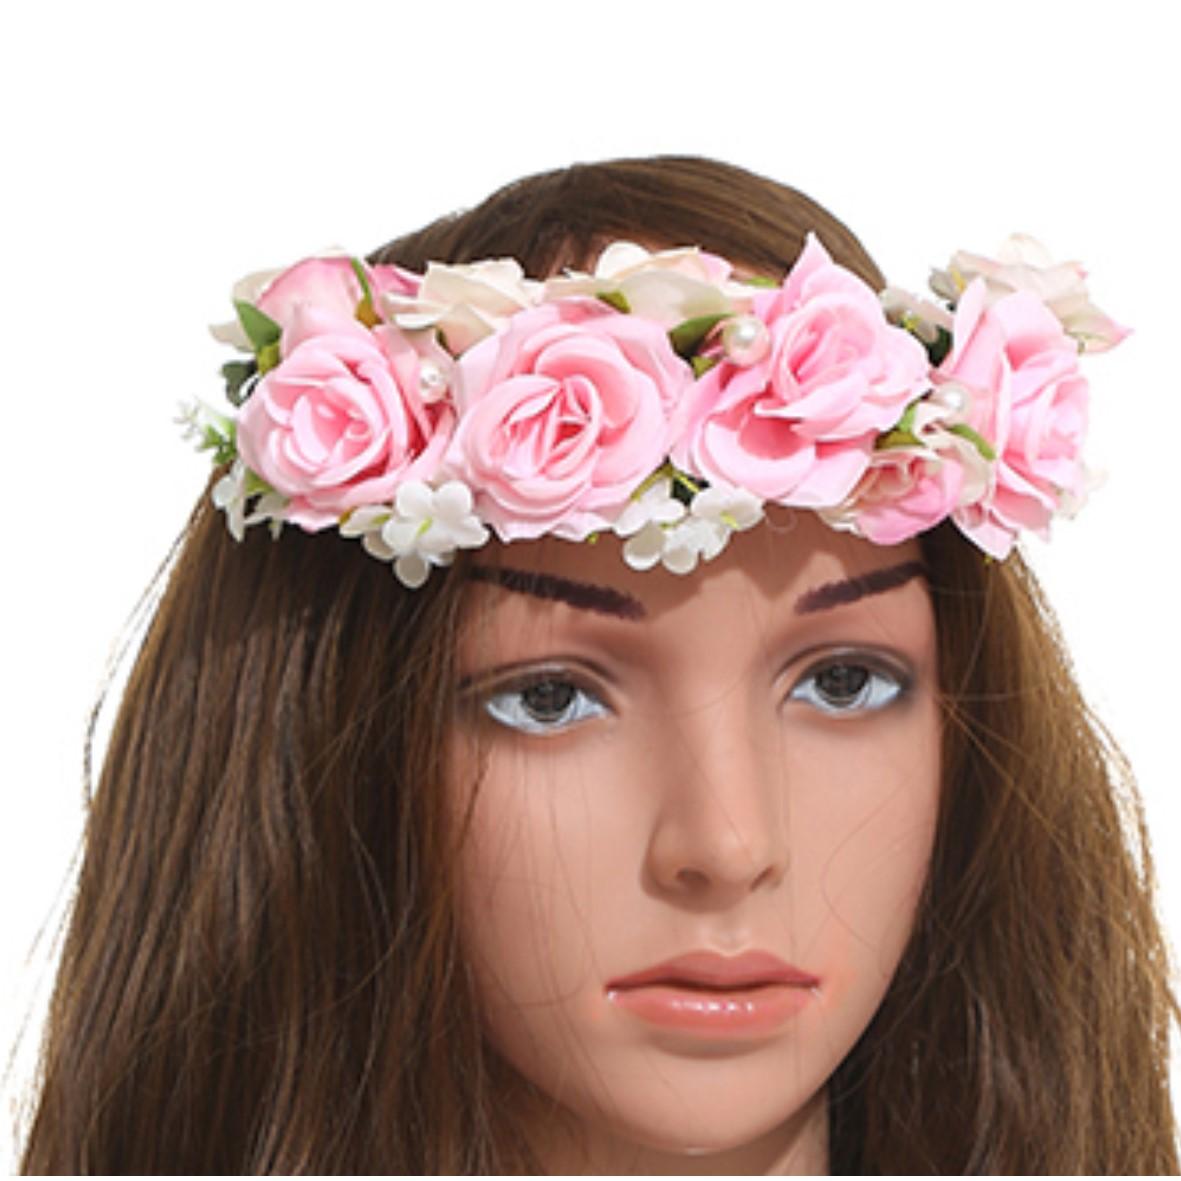 זר לראש מפואר פרחים ורודים בשילוב פנינים (ייחודי)